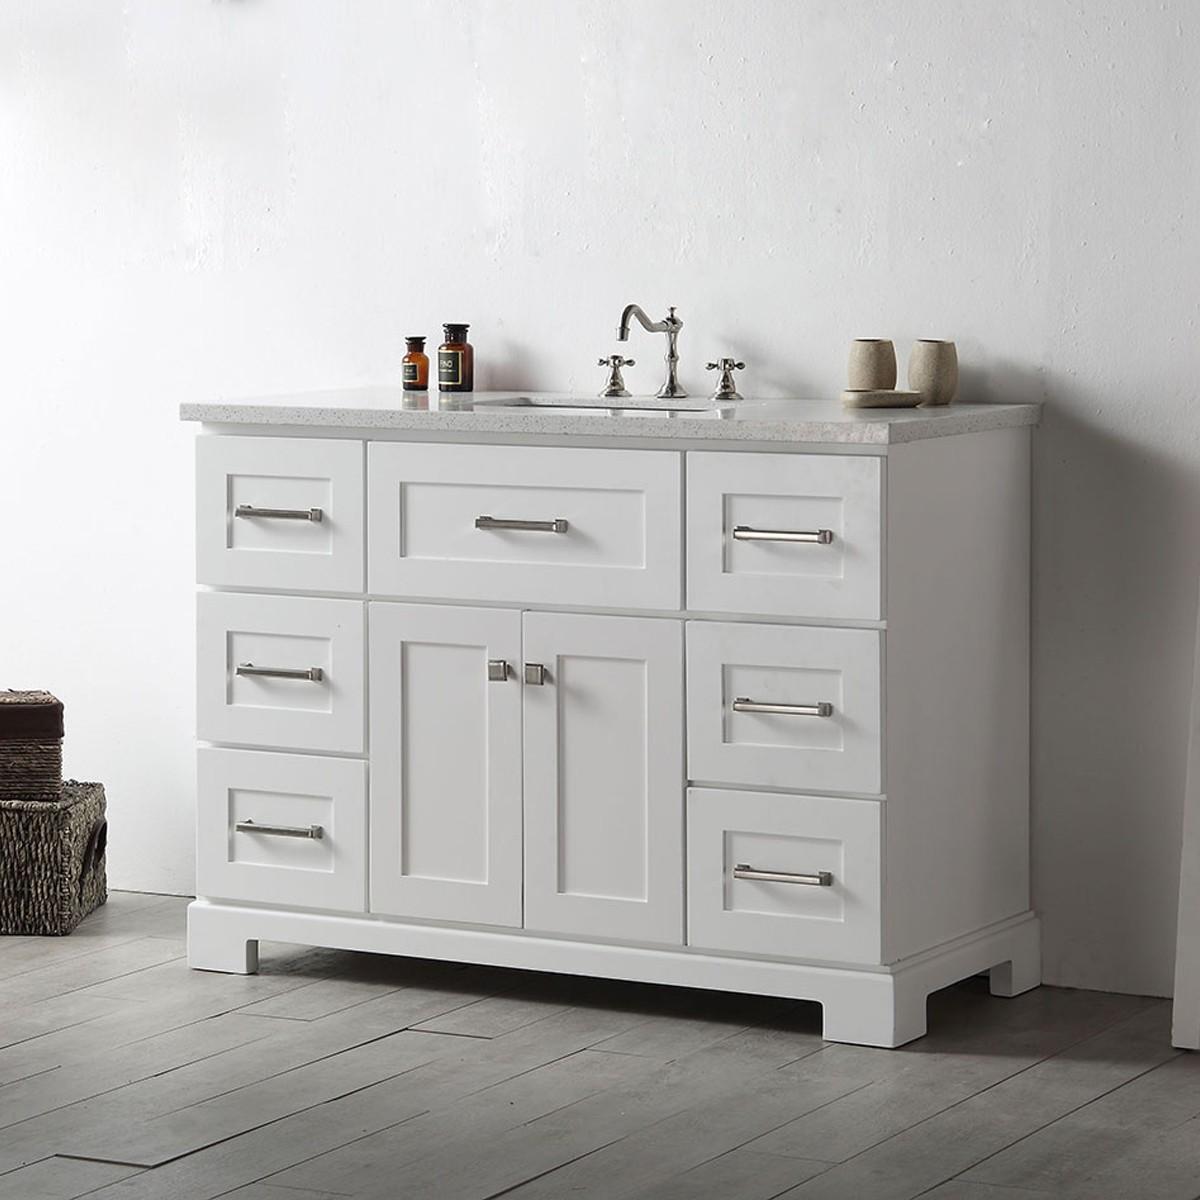 48 In. Bathroom Vanity (DK-6648-W)